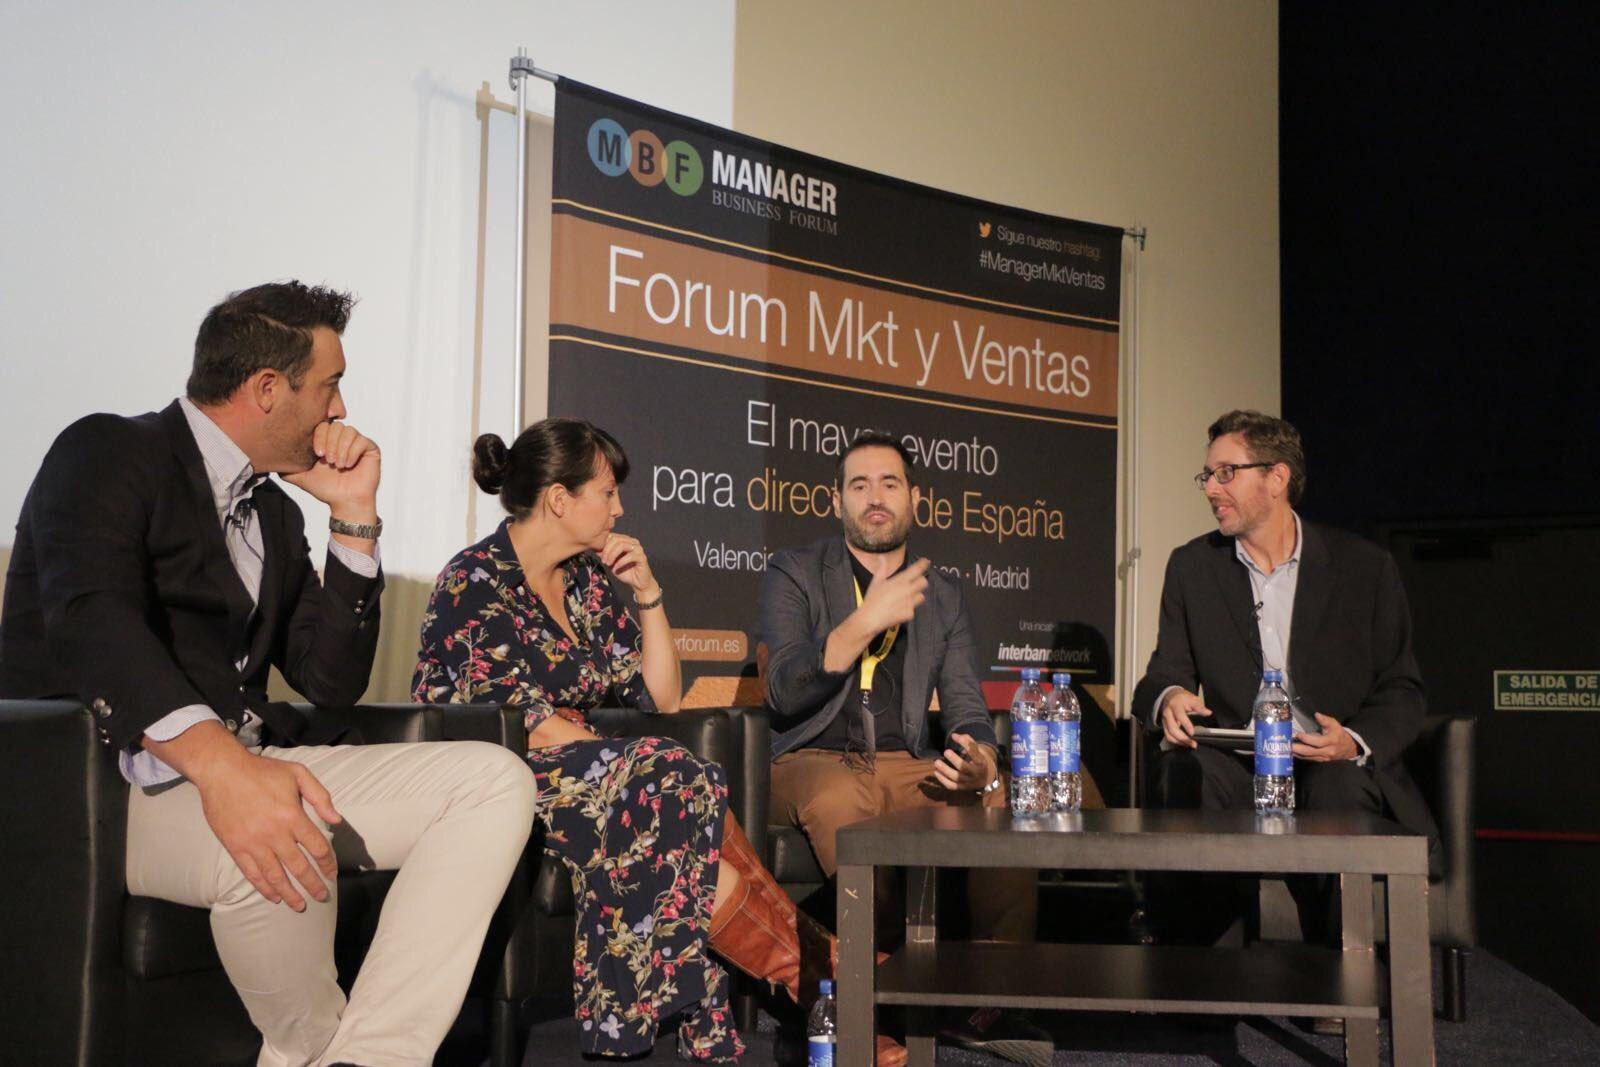 Tendencias en la gestión de la Experiencia de Marca en el Manager Fórum de Marketing y Ventas